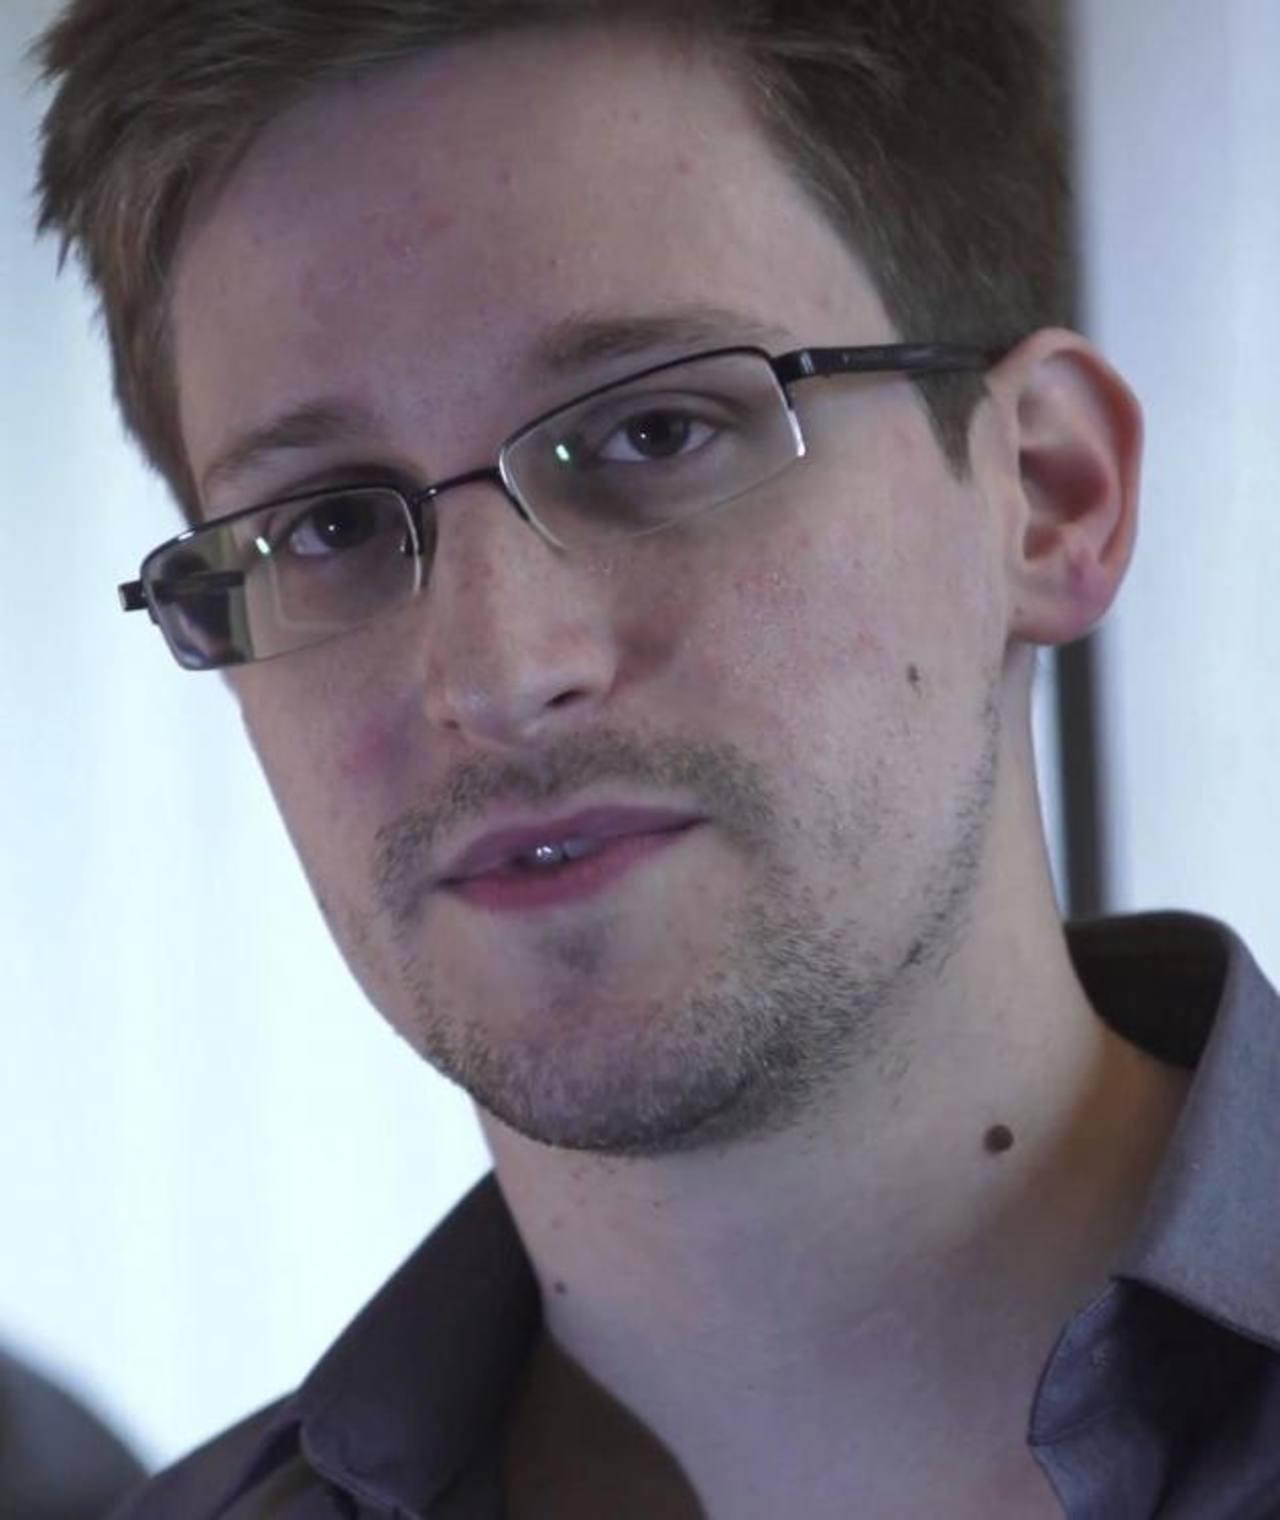 Edward Snowden, extécnico de la CIA y de la Agencia de Seguridad Nacional (NSA).